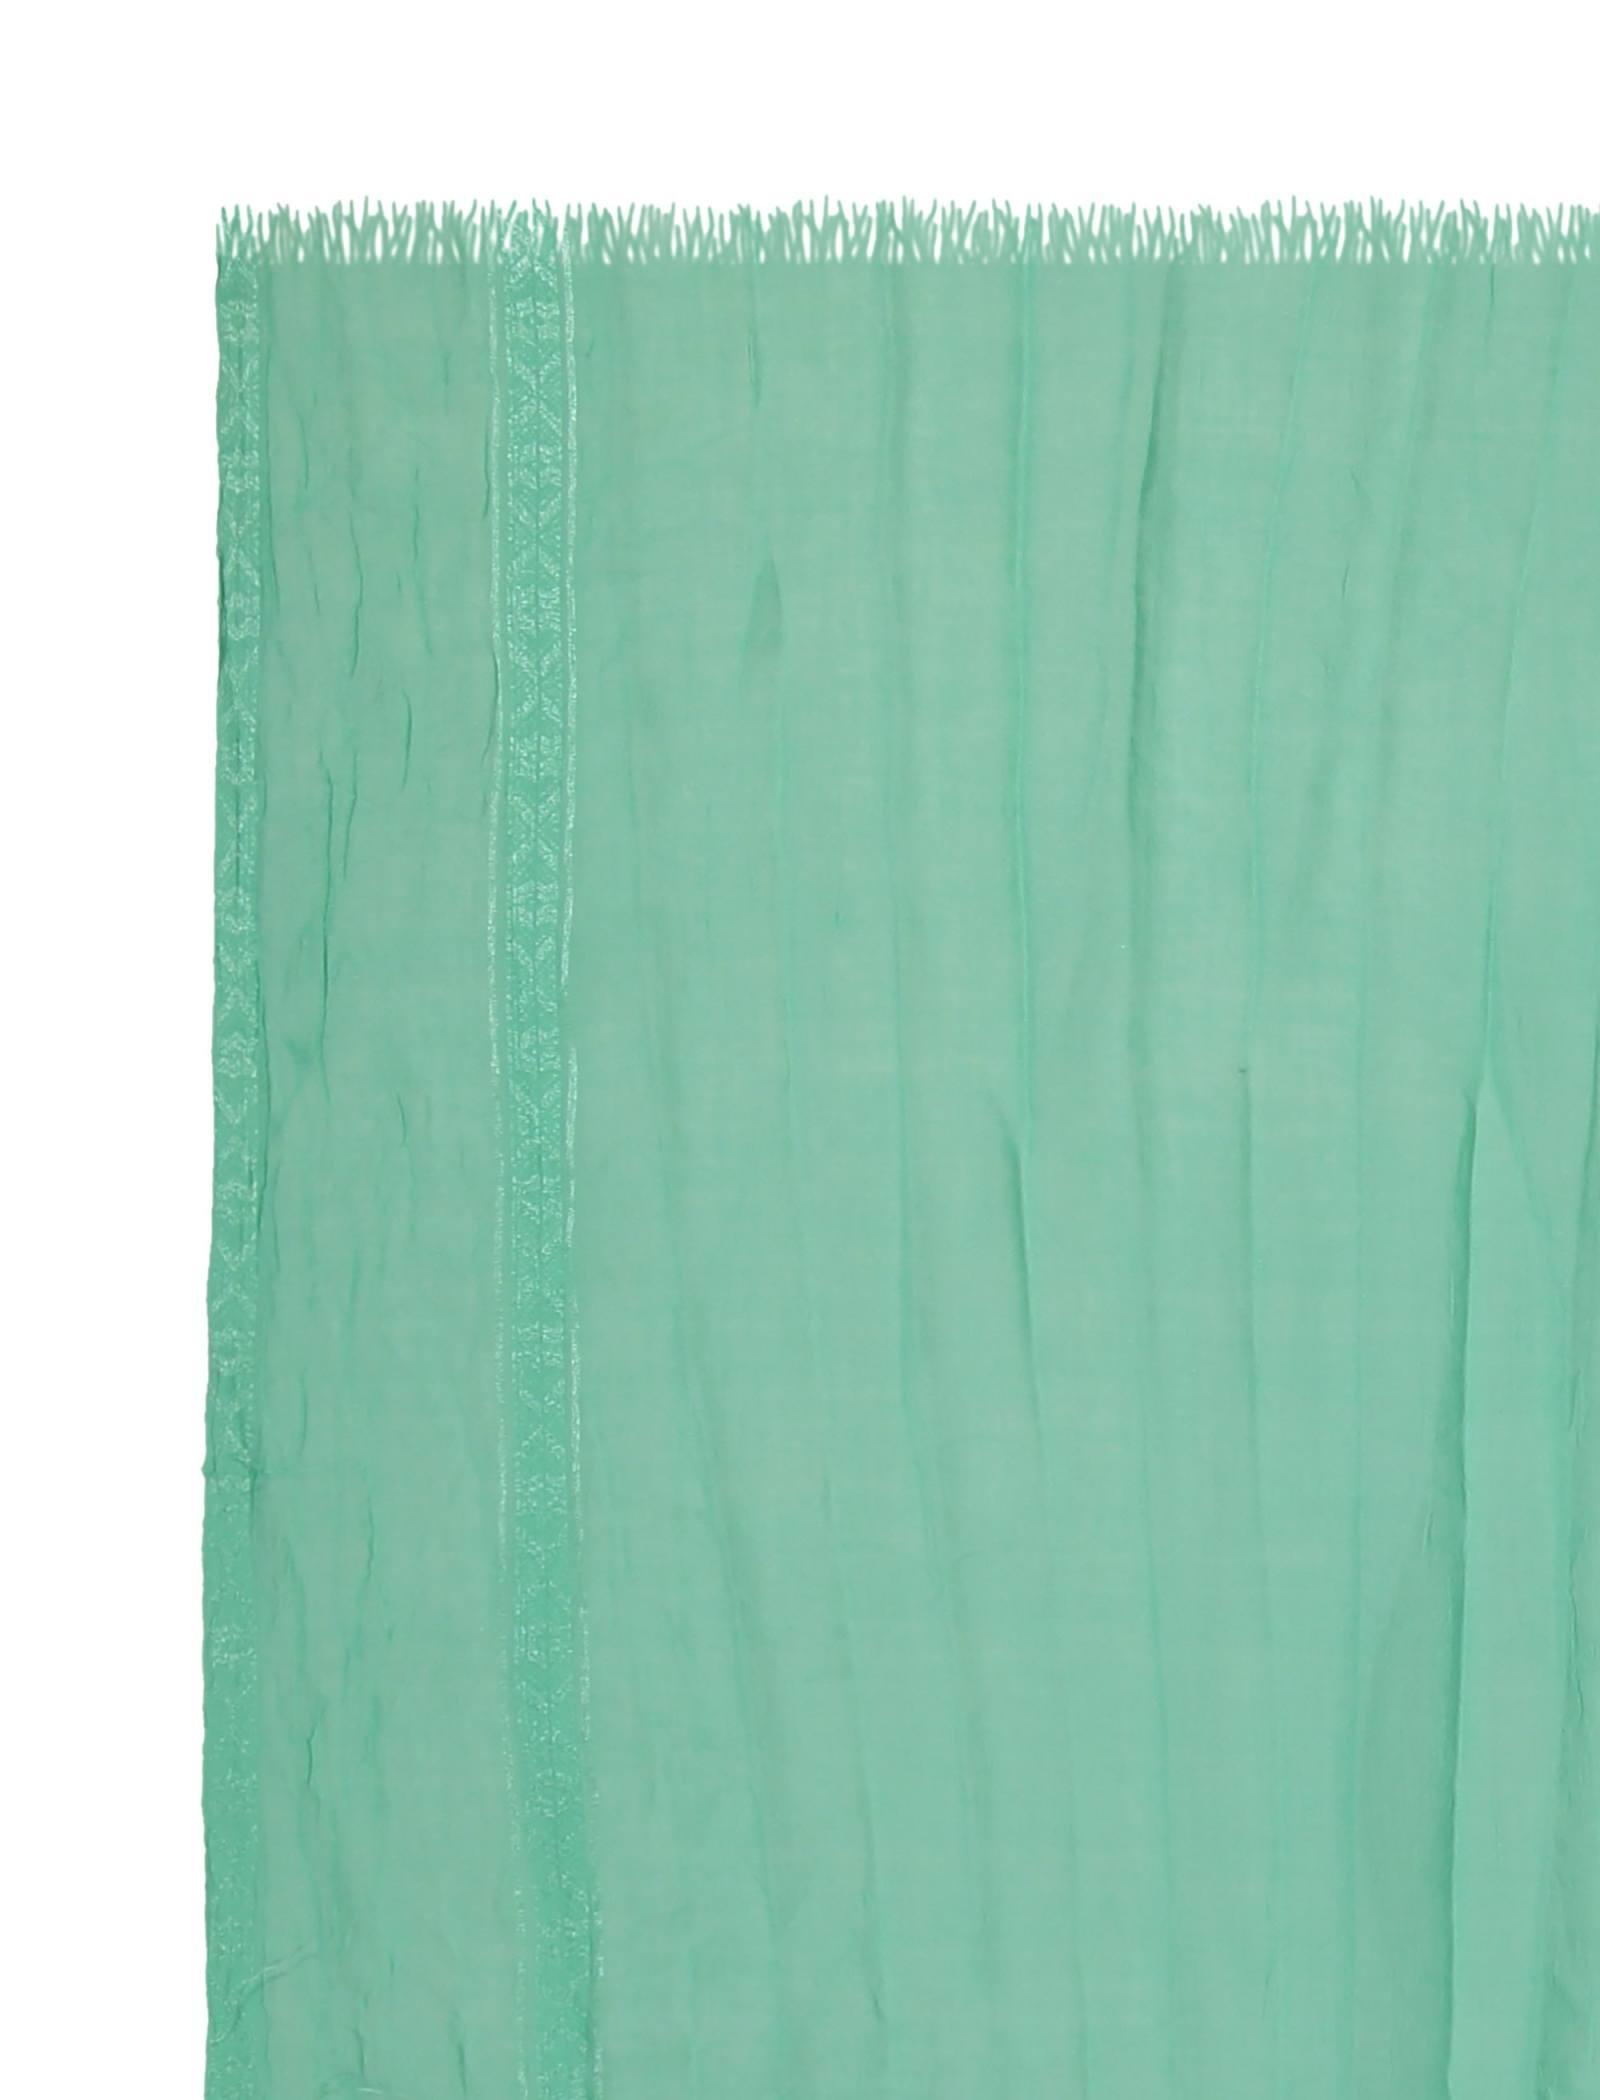 شال ساده زنانه - دونابل - سبز  - 3